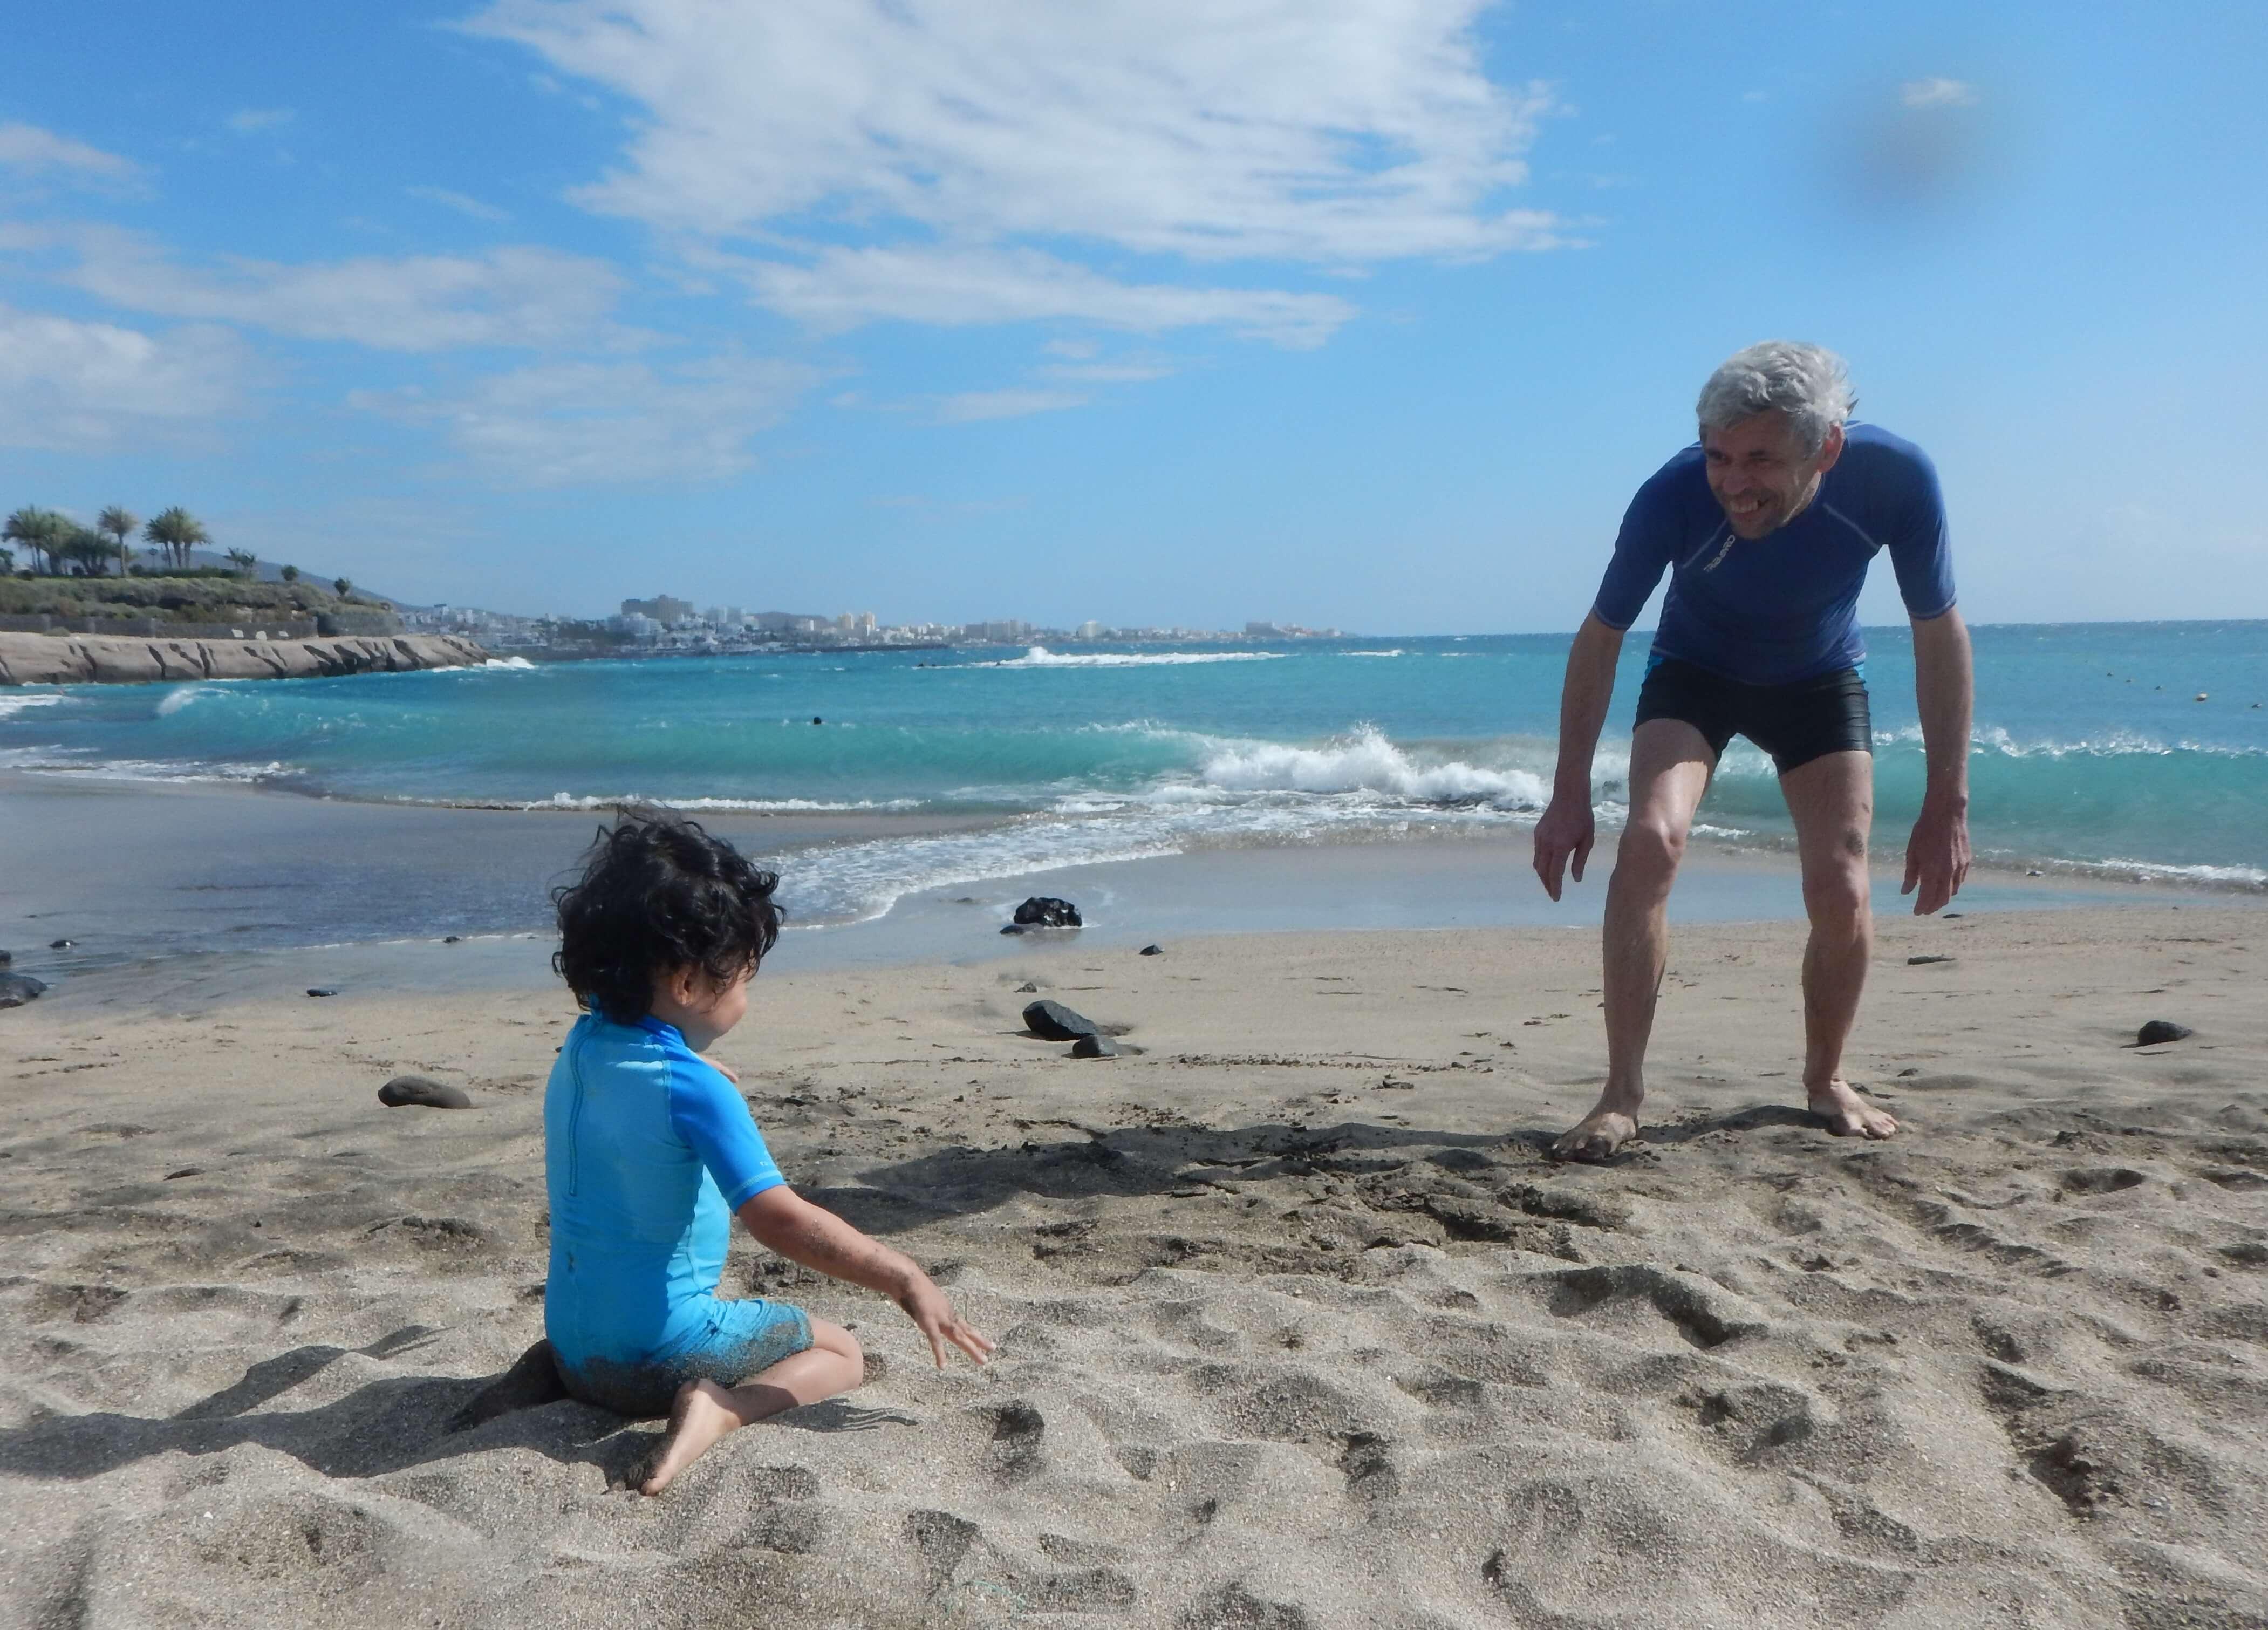 Vacances en famille : Tenerife ou Gran Canaria ? Chacune de ces îles dispose de ses propres atouts pour les vacances avec des enfants.